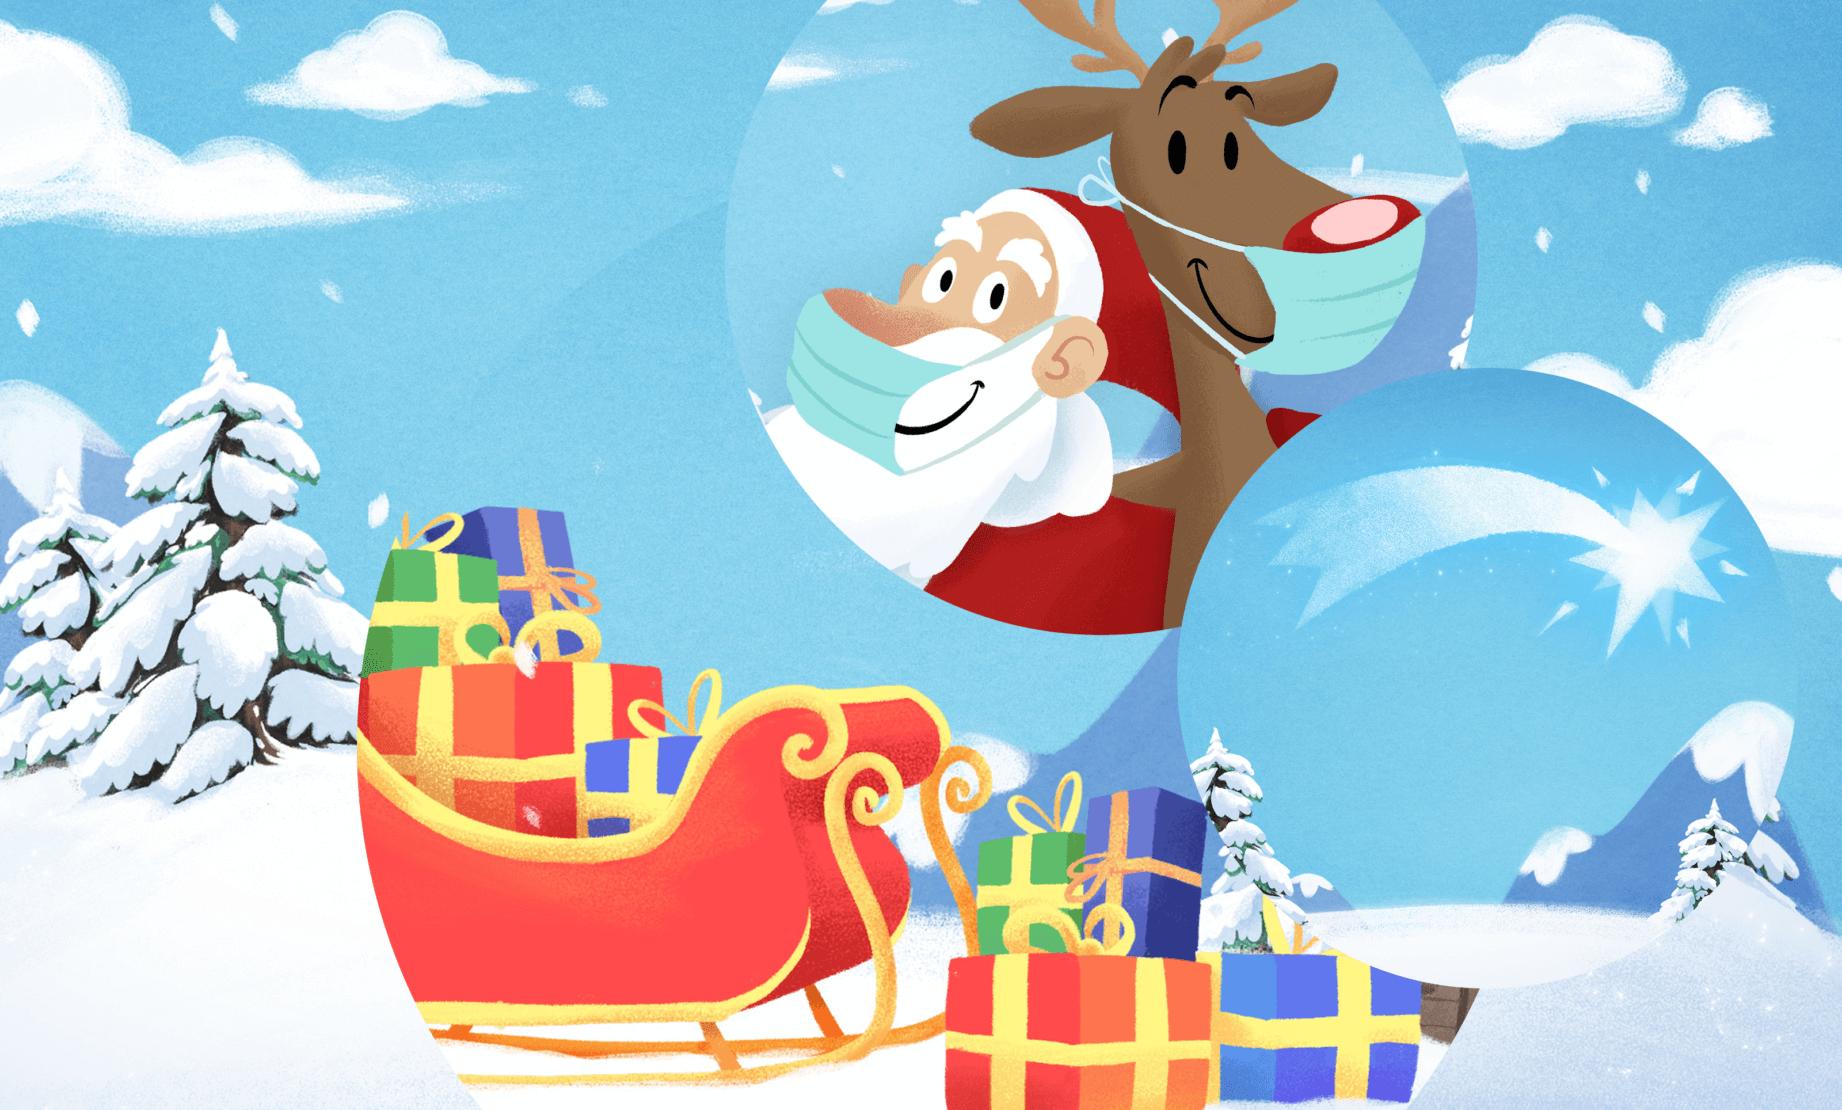 Das valantic Weihnachts-Duo aus Weihnachtsmann und Rentier neben ihrem Schlitten mit Geschenken vor einer weißen Schneelandschaft